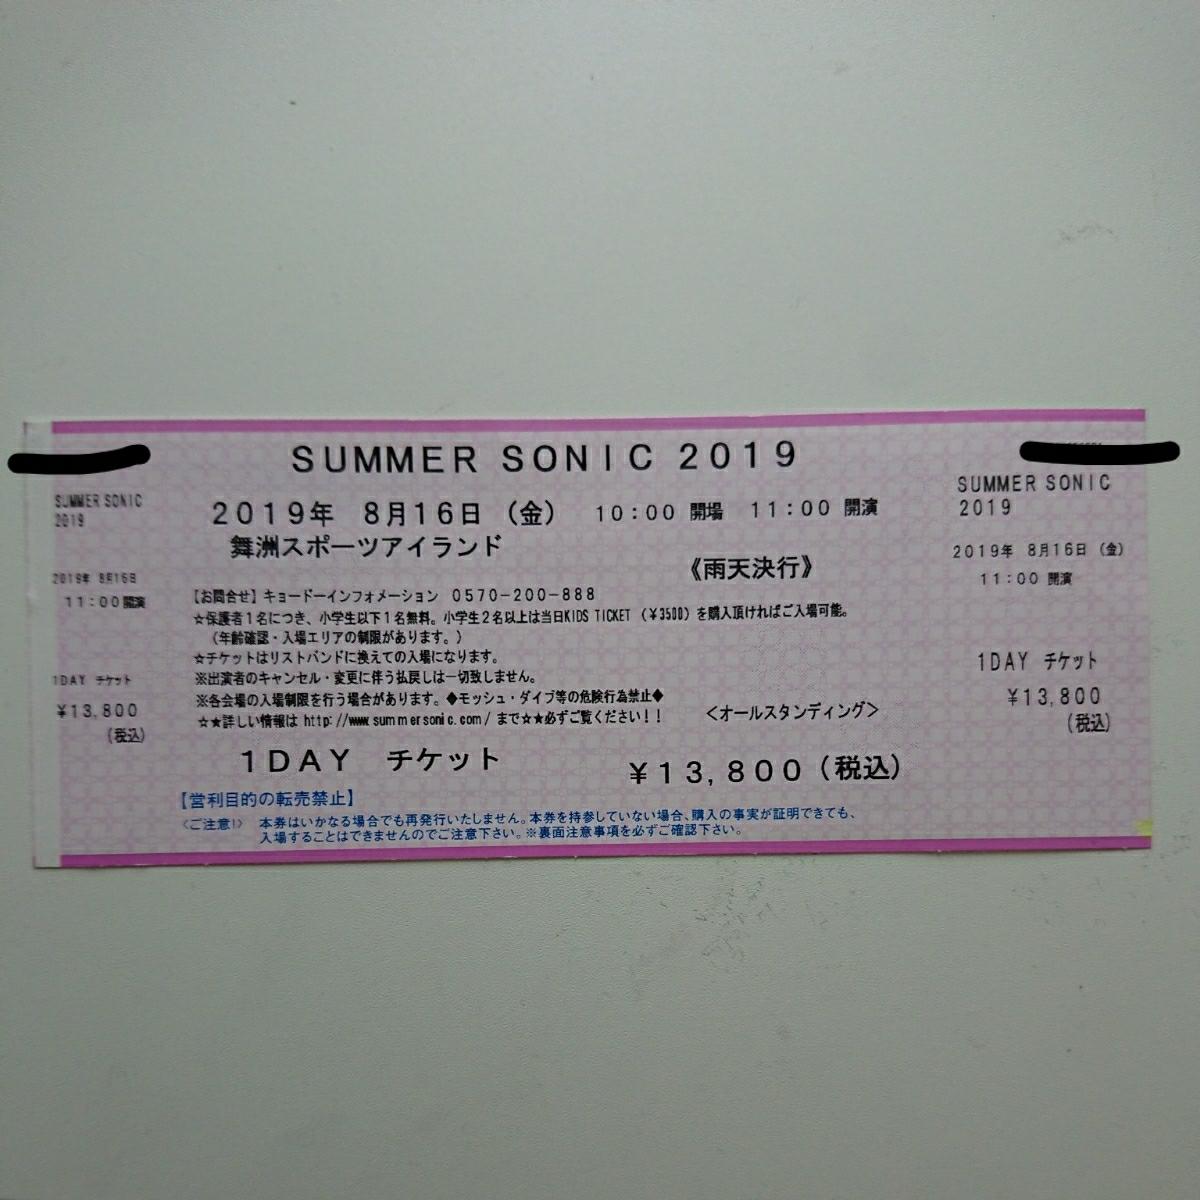 サマーソニック2019(SUMMER SONIC2019)大阪2019/8/16(金)1DAYチケット ②